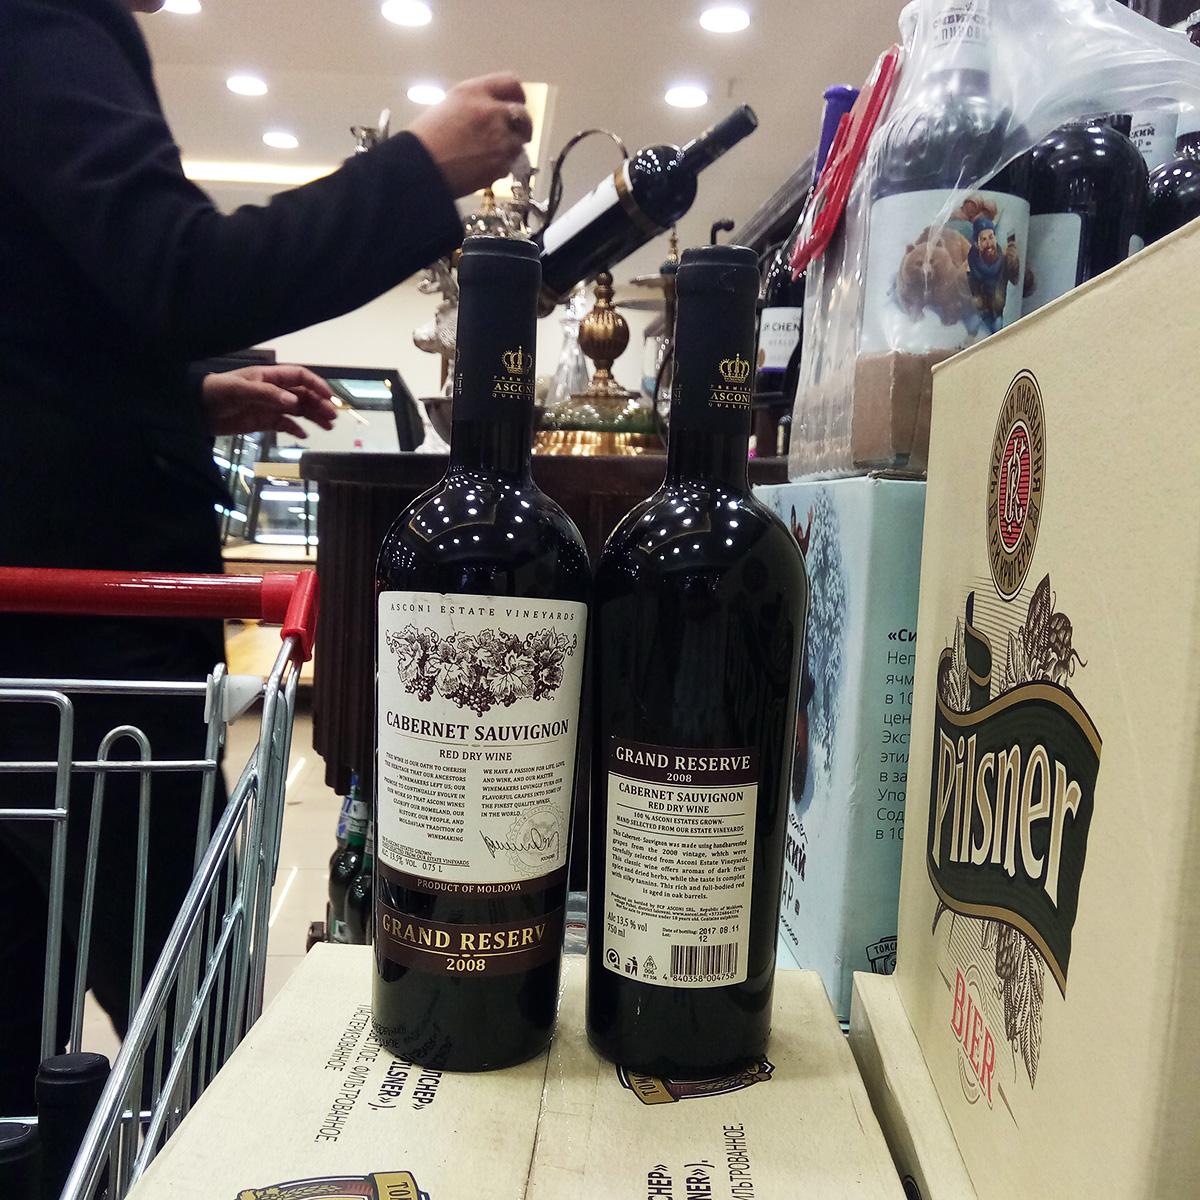 阿思孔尼2008葡萄酒750ml.jpg